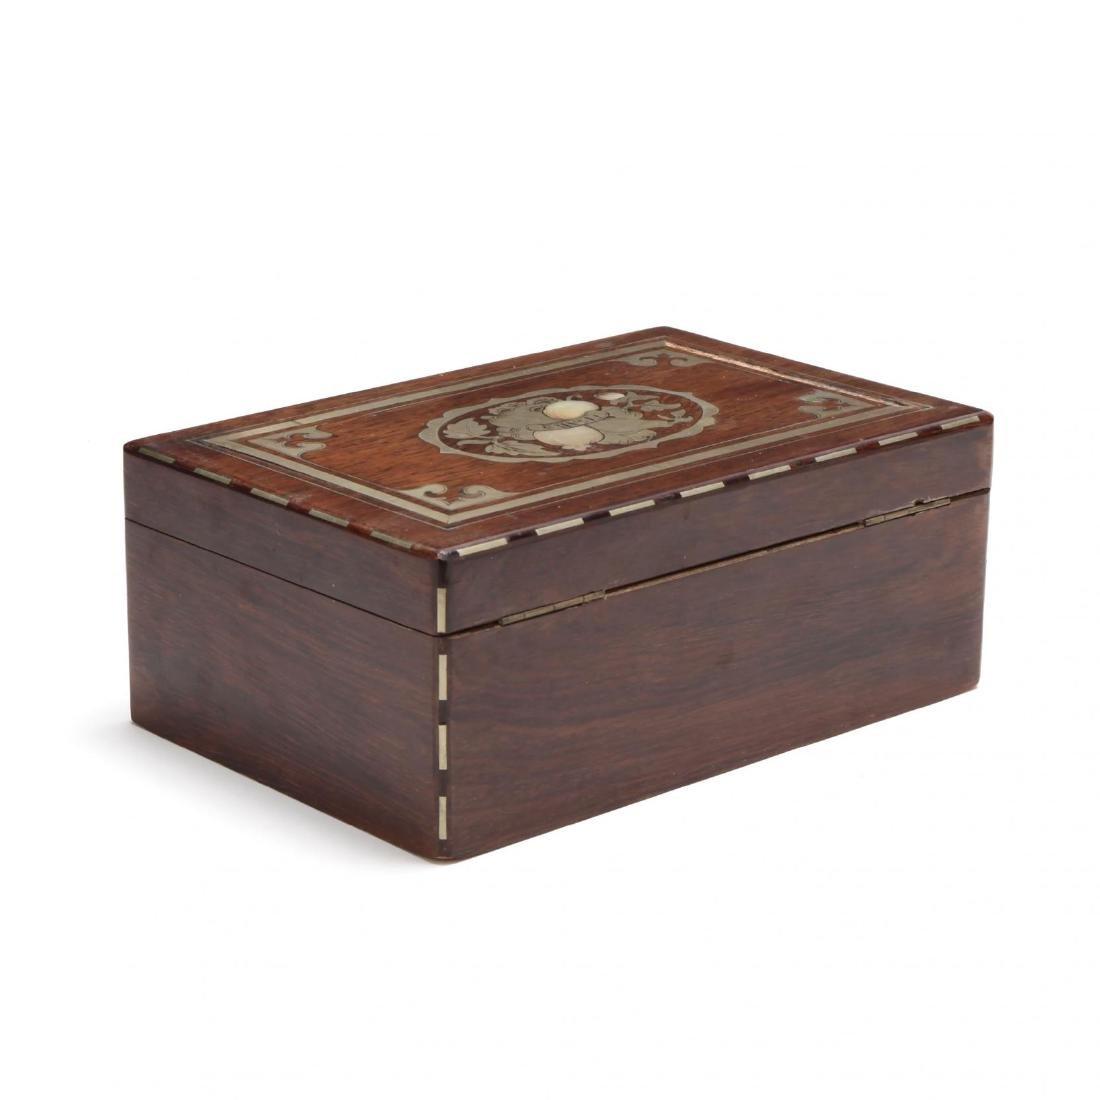 A Victorian Inlaid Cigar Box - 2